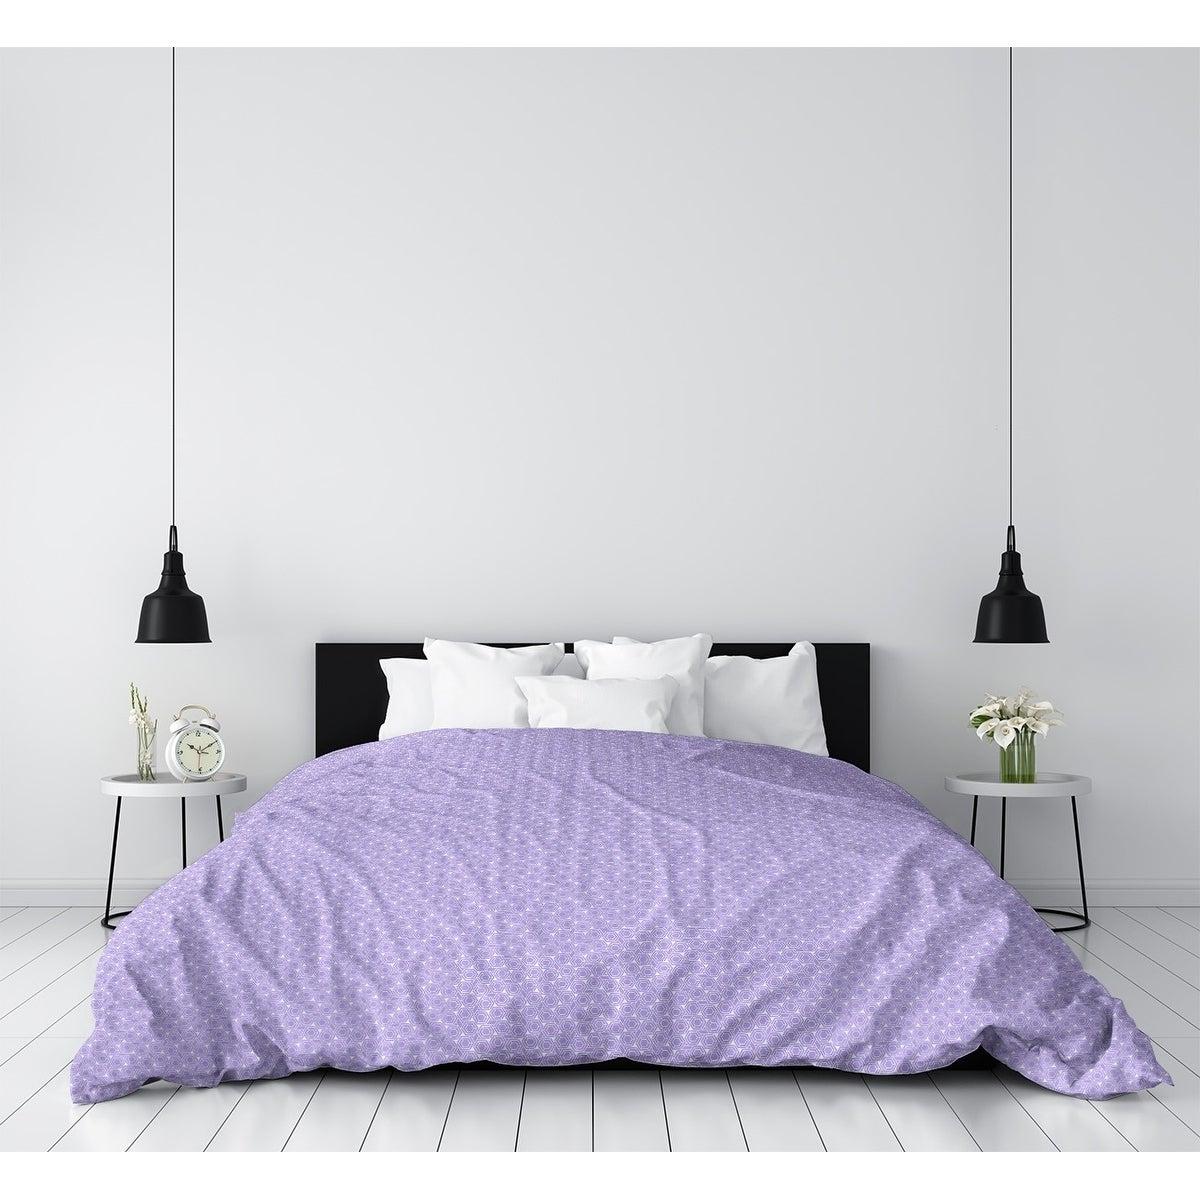 Katelyn Elizabeth Pastel Purple Hexagonal Lattice Duvet Cover Overstock 27392132